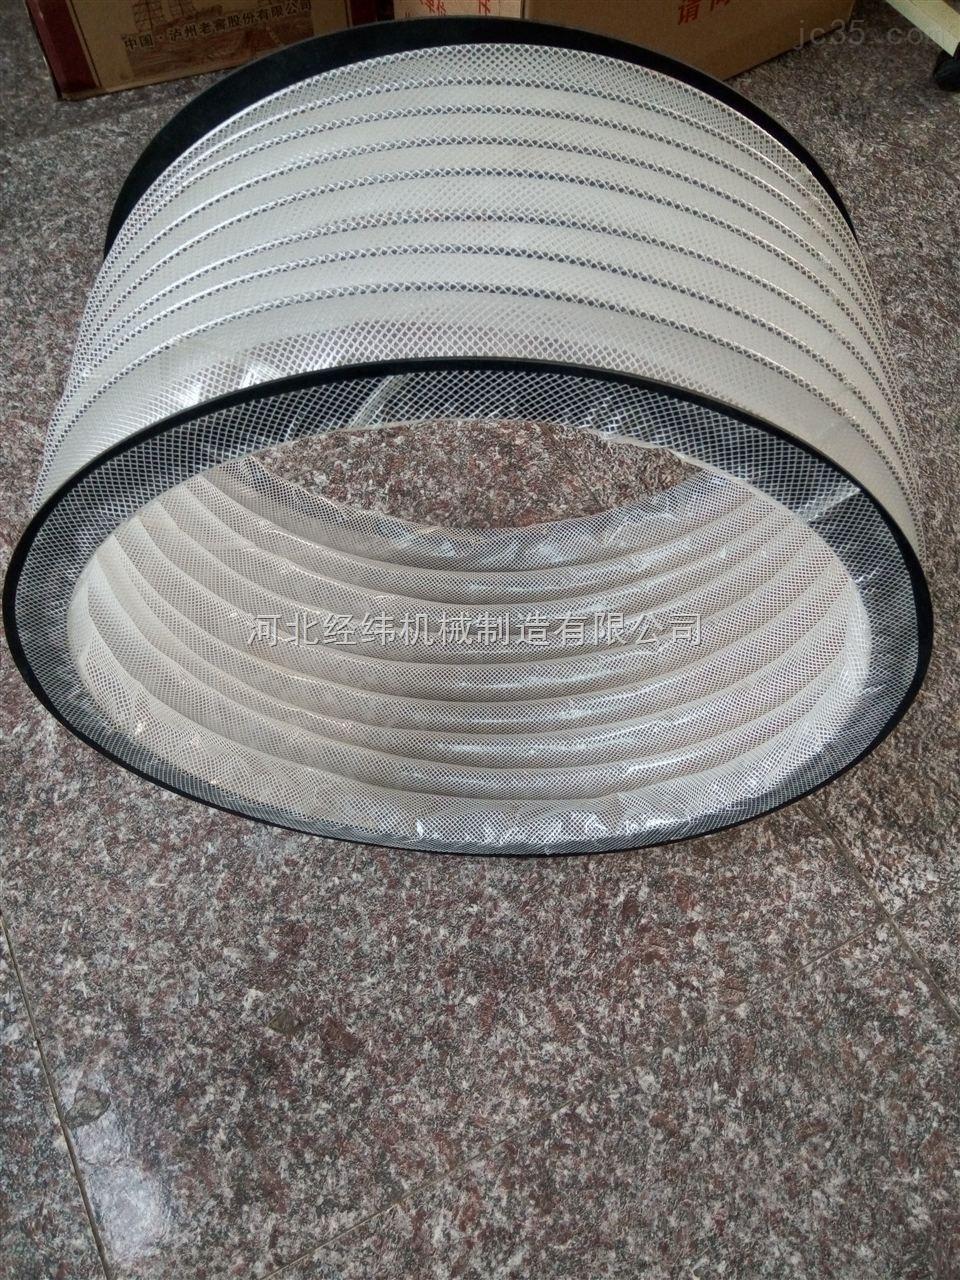 透明材质伸缩软连接 玻璃纤维透明骨架软连接